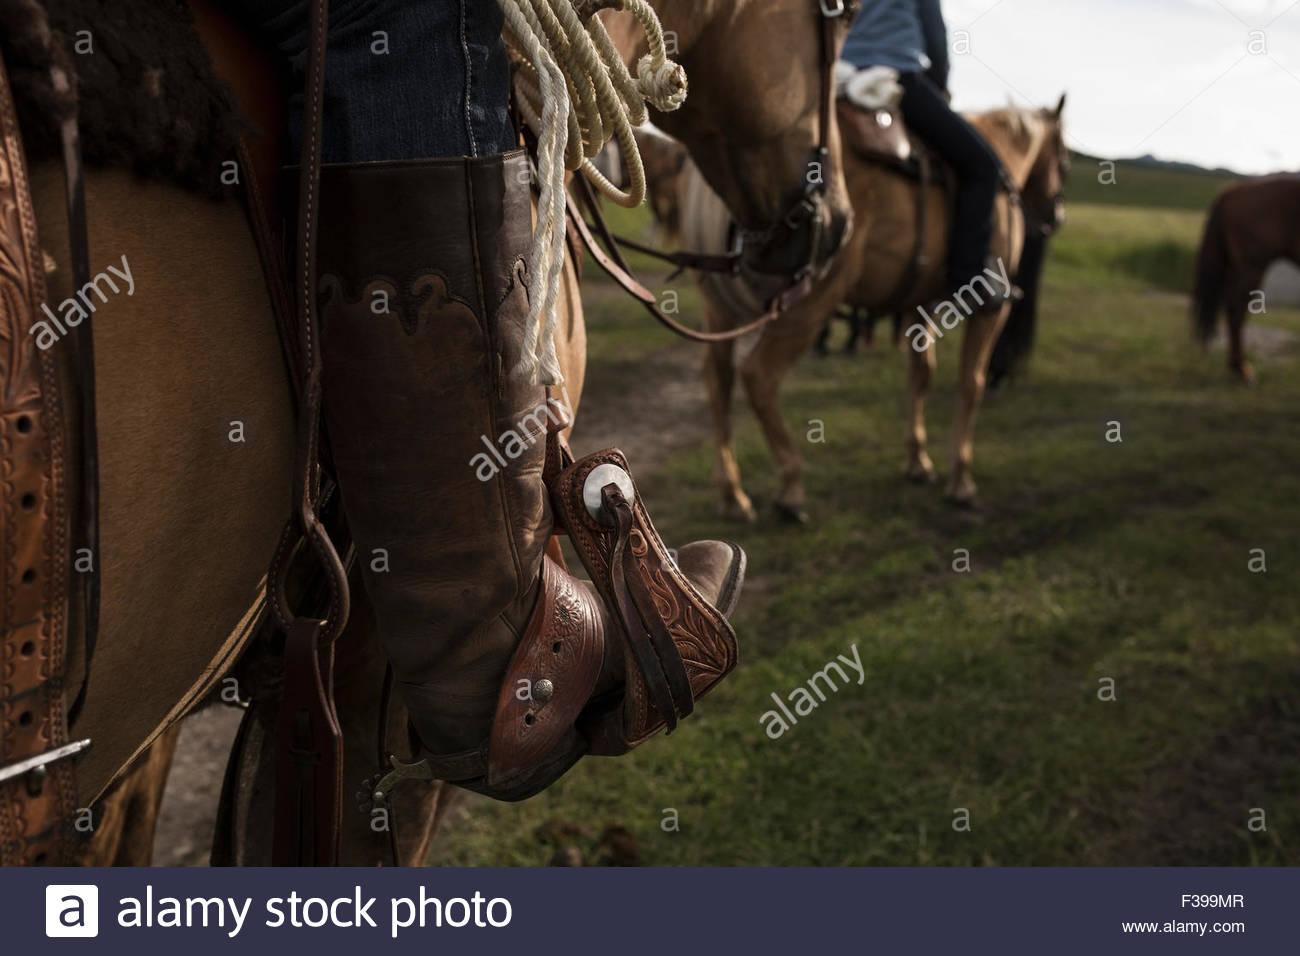 Cerca de womans bota de vaquero en el estribo, en caballo. Imagen De Stock